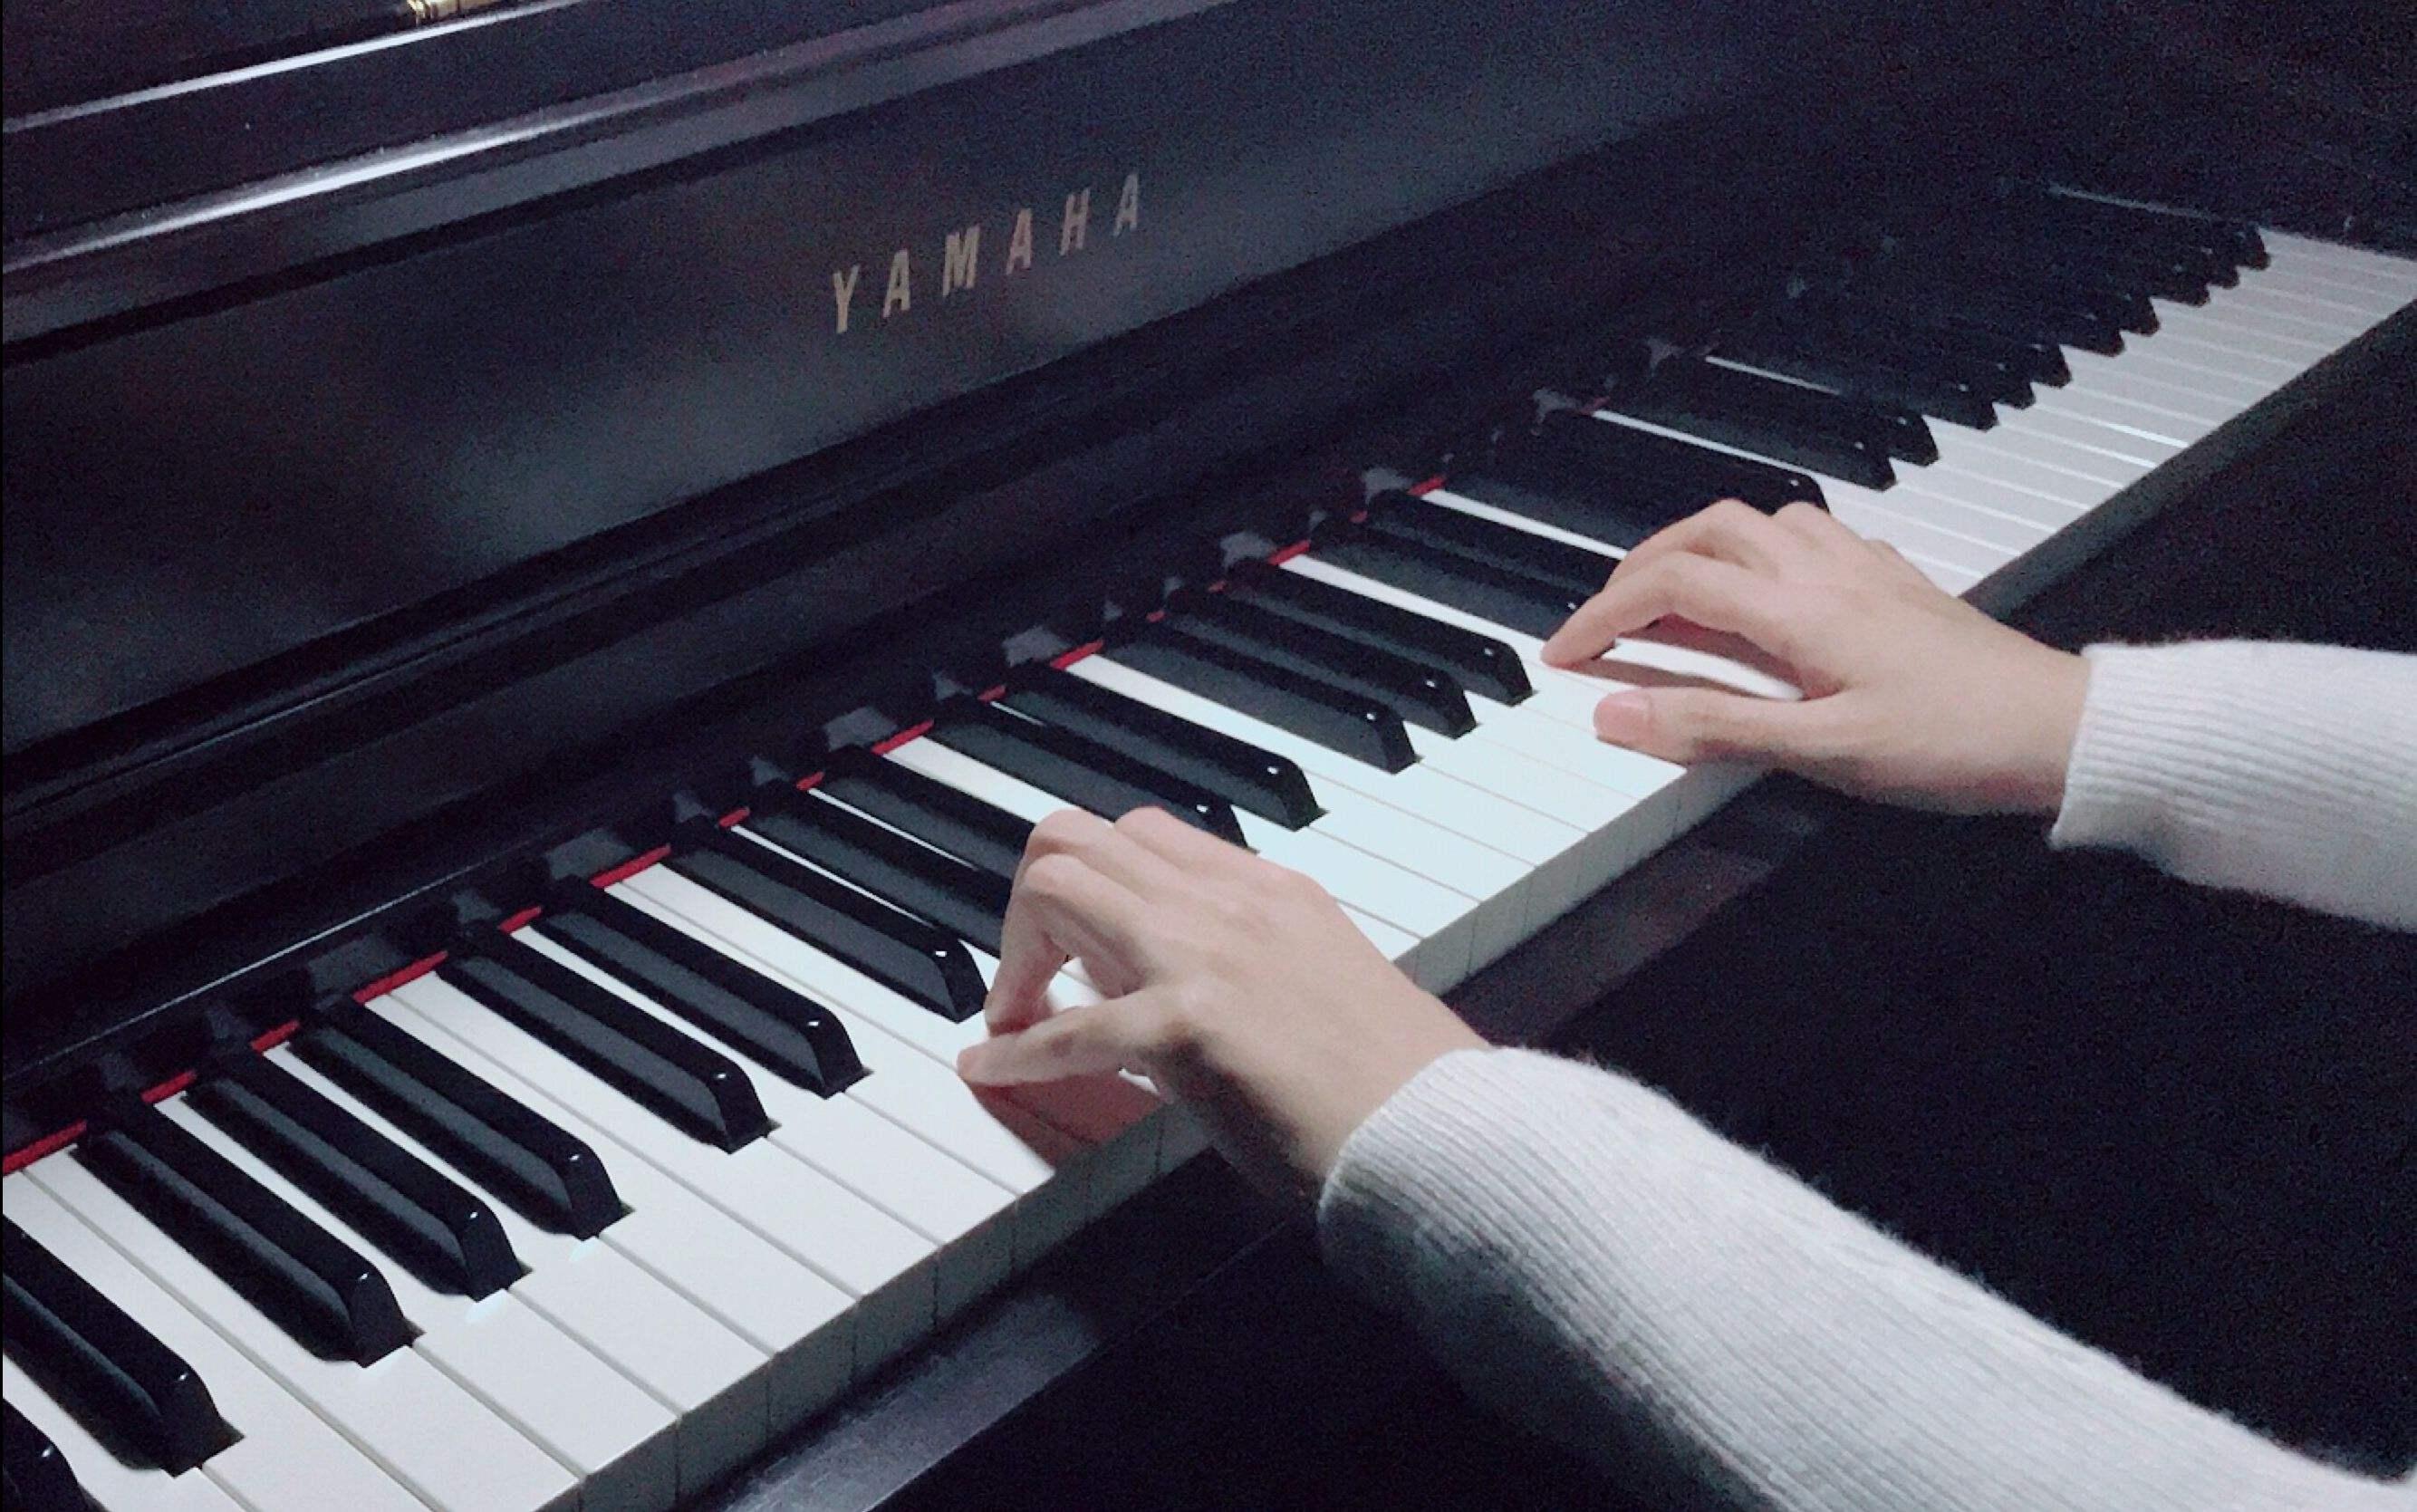 连奏的基本弹奏方法和技巧